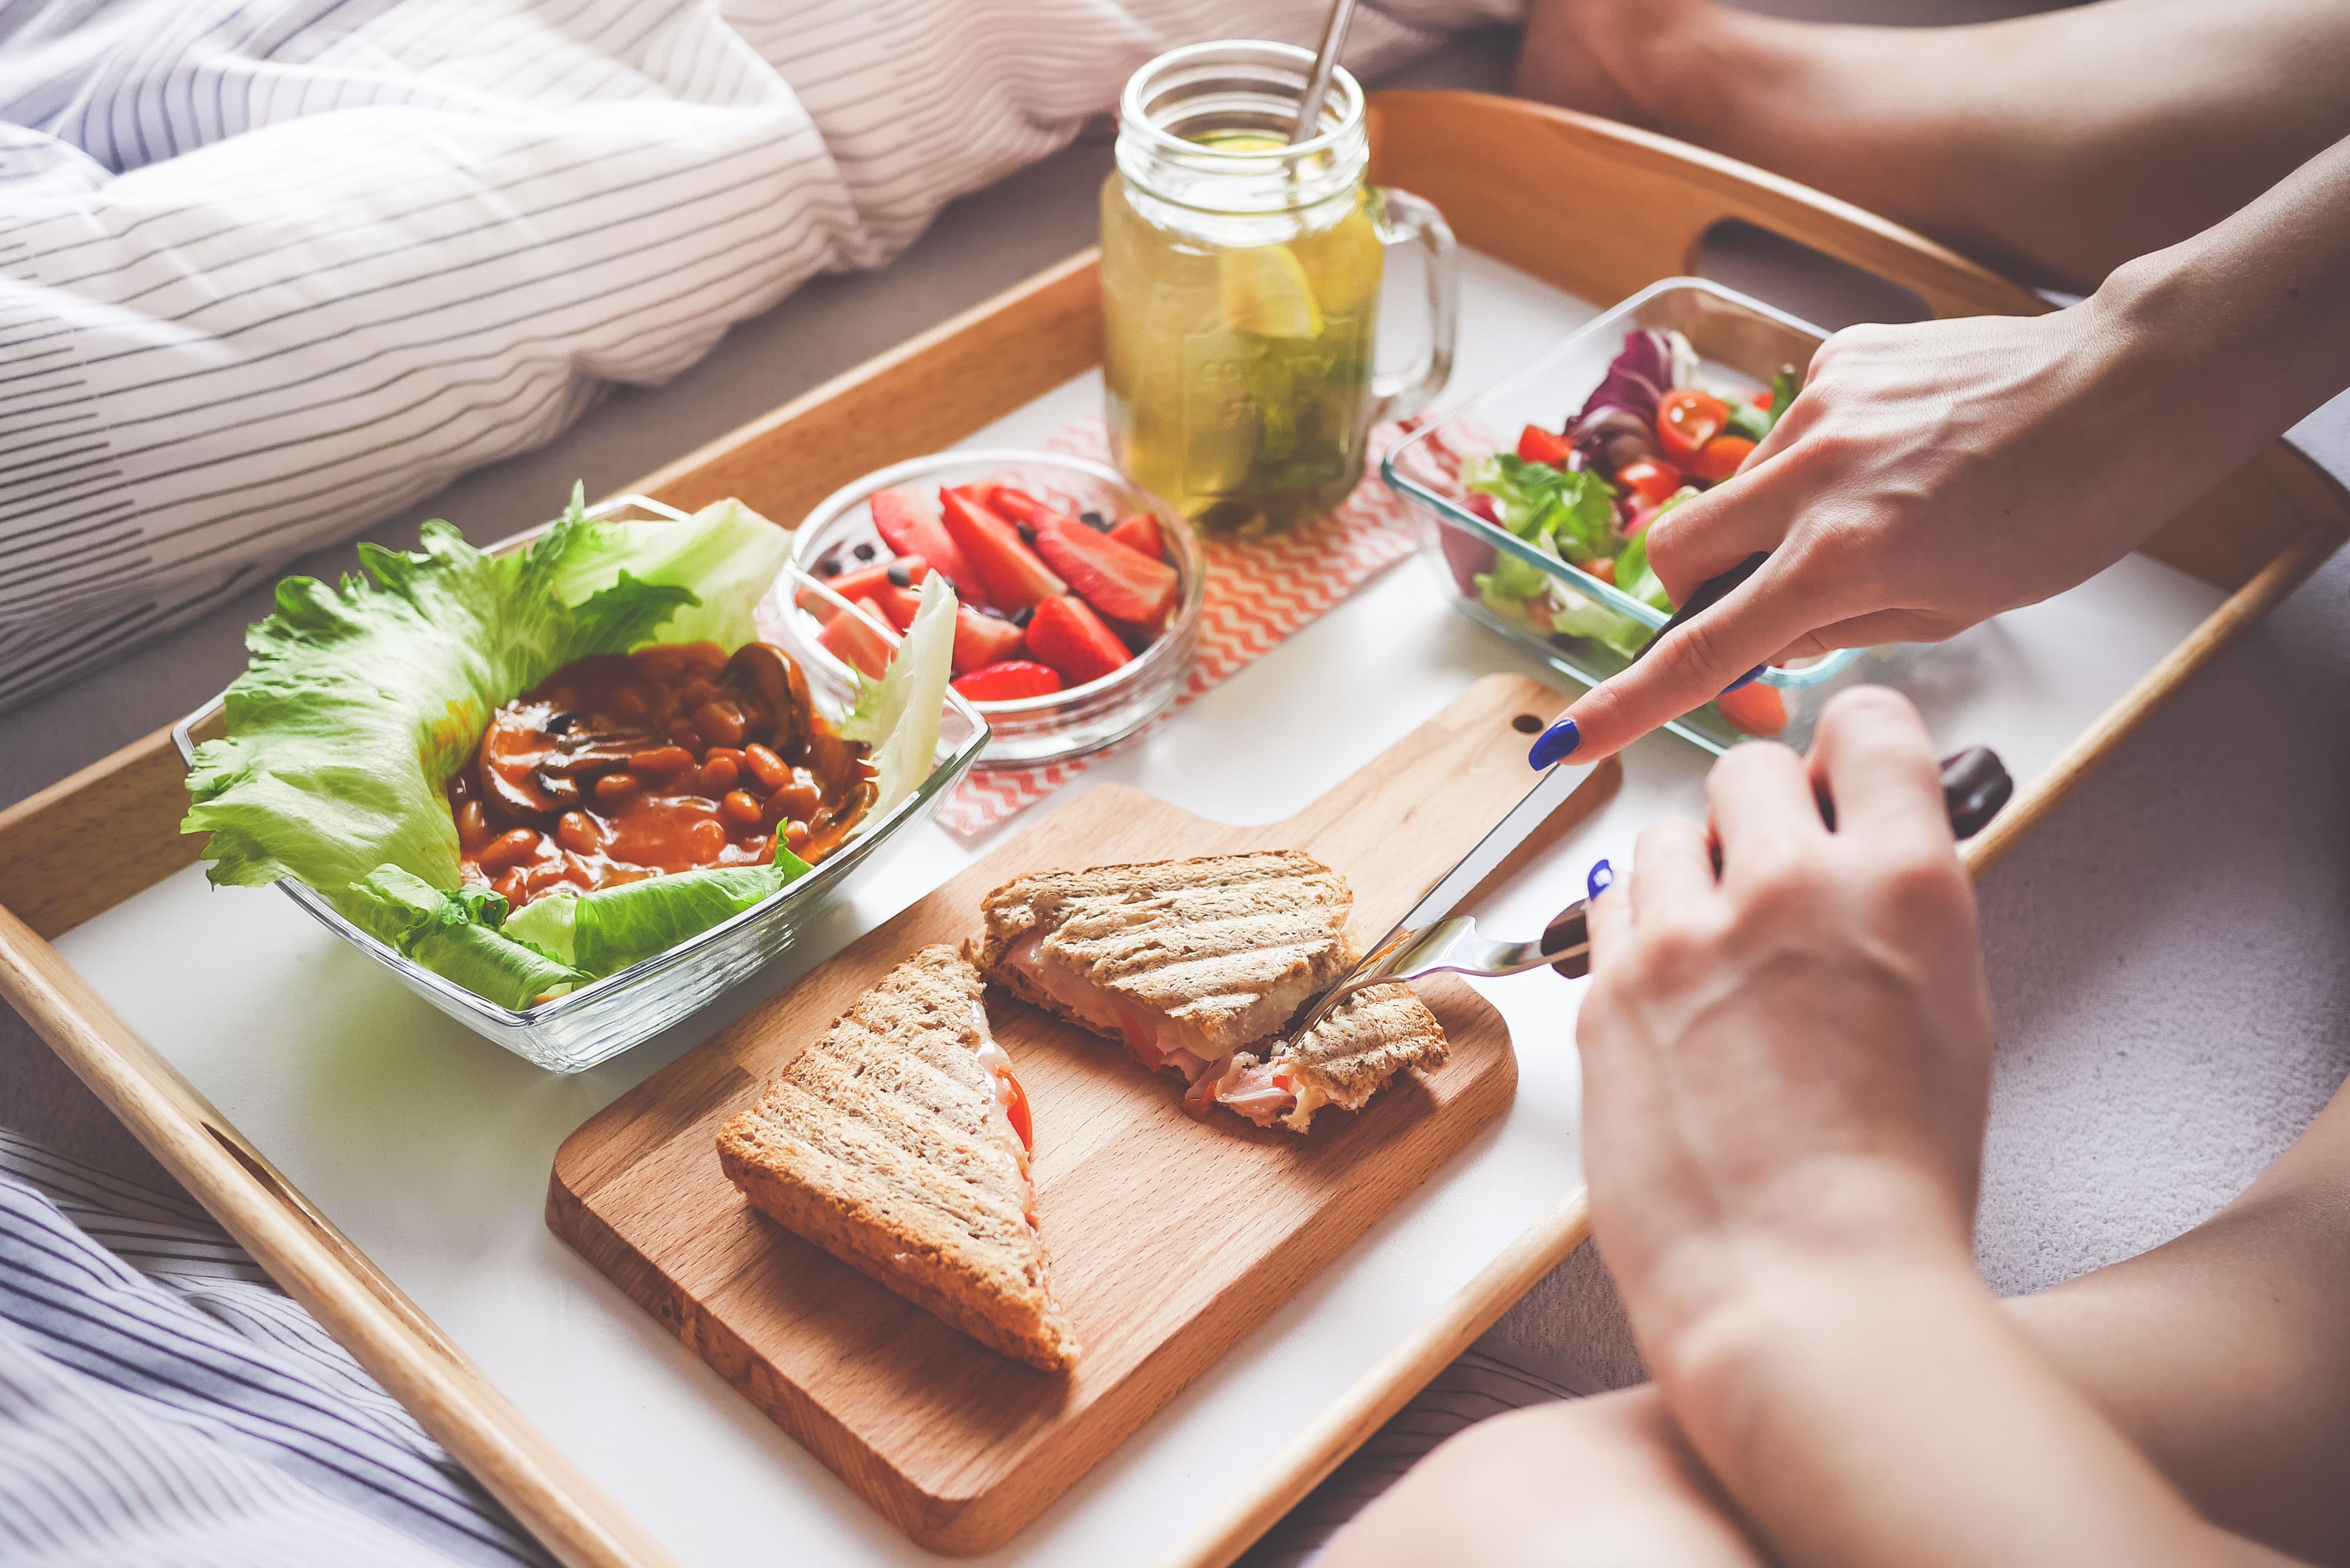 10 r gles d or pour une alimentation saine et quilibr e make my utopia blog lifestyle bien. Black Bedroom Furniture Sets. Home Design Ideas